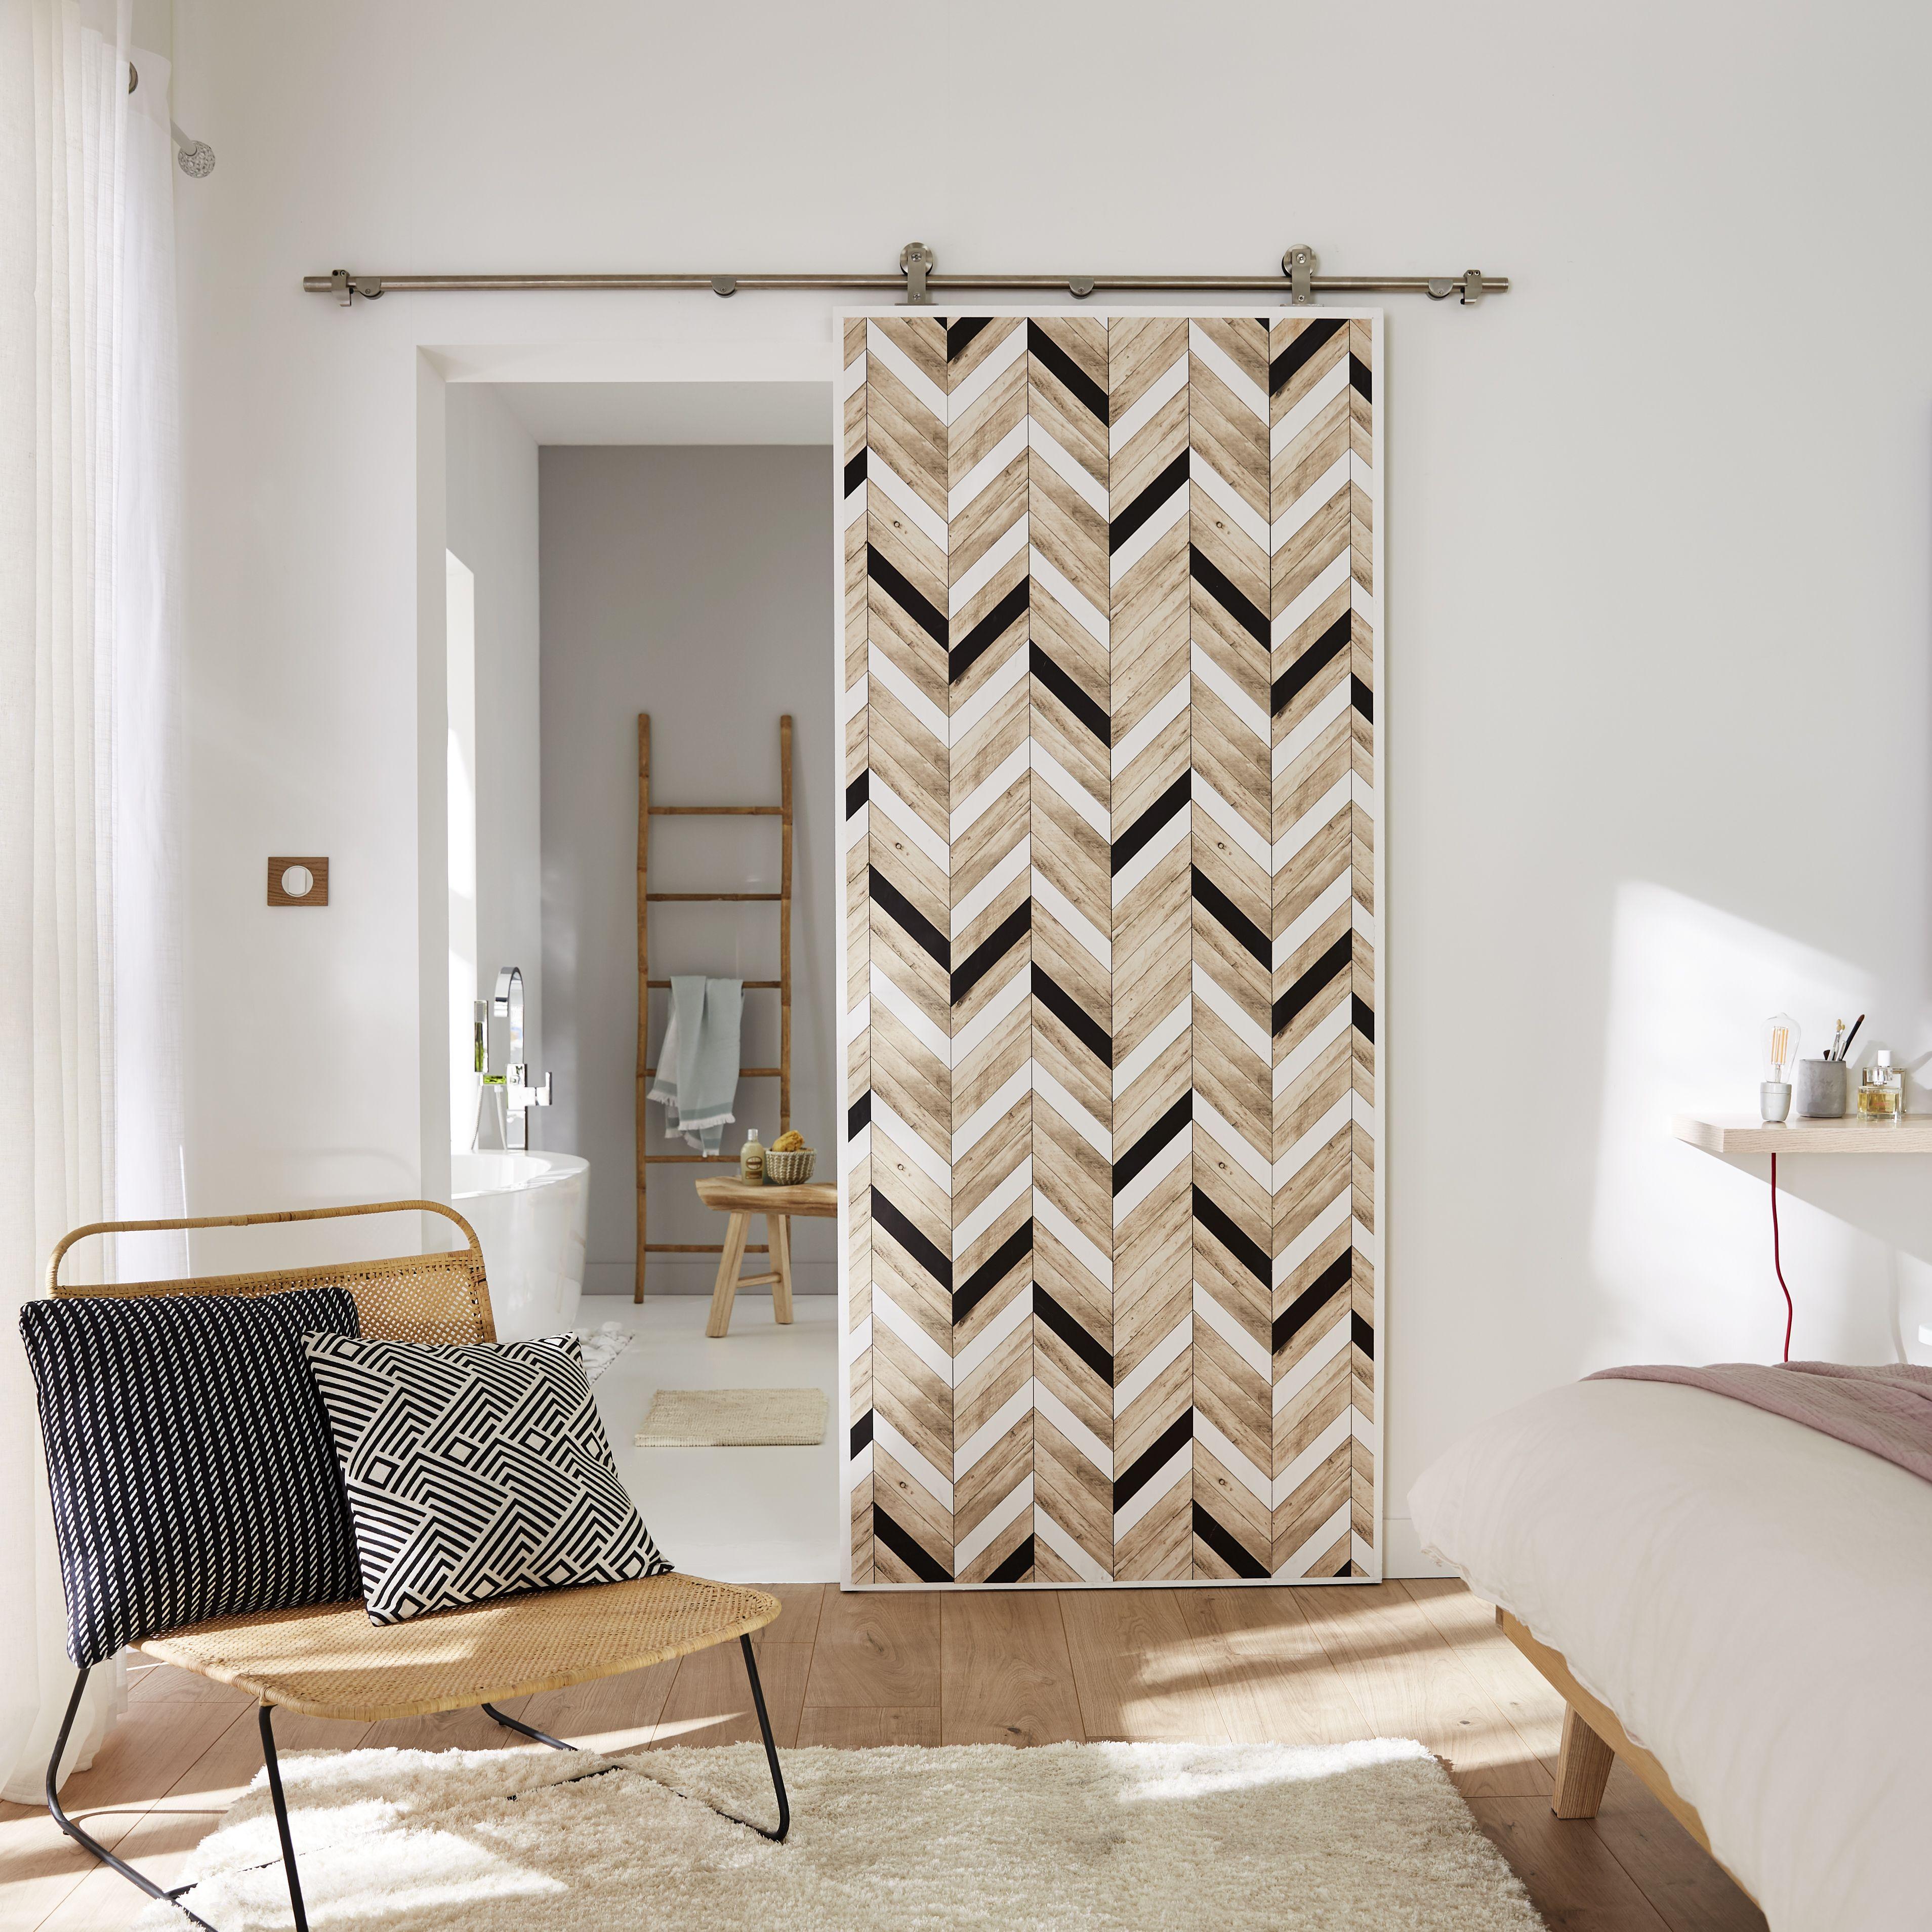 Porte Coulissante Astuce Papier Peint Effet Bois Deco Maison Decoration Maison Papier Peint